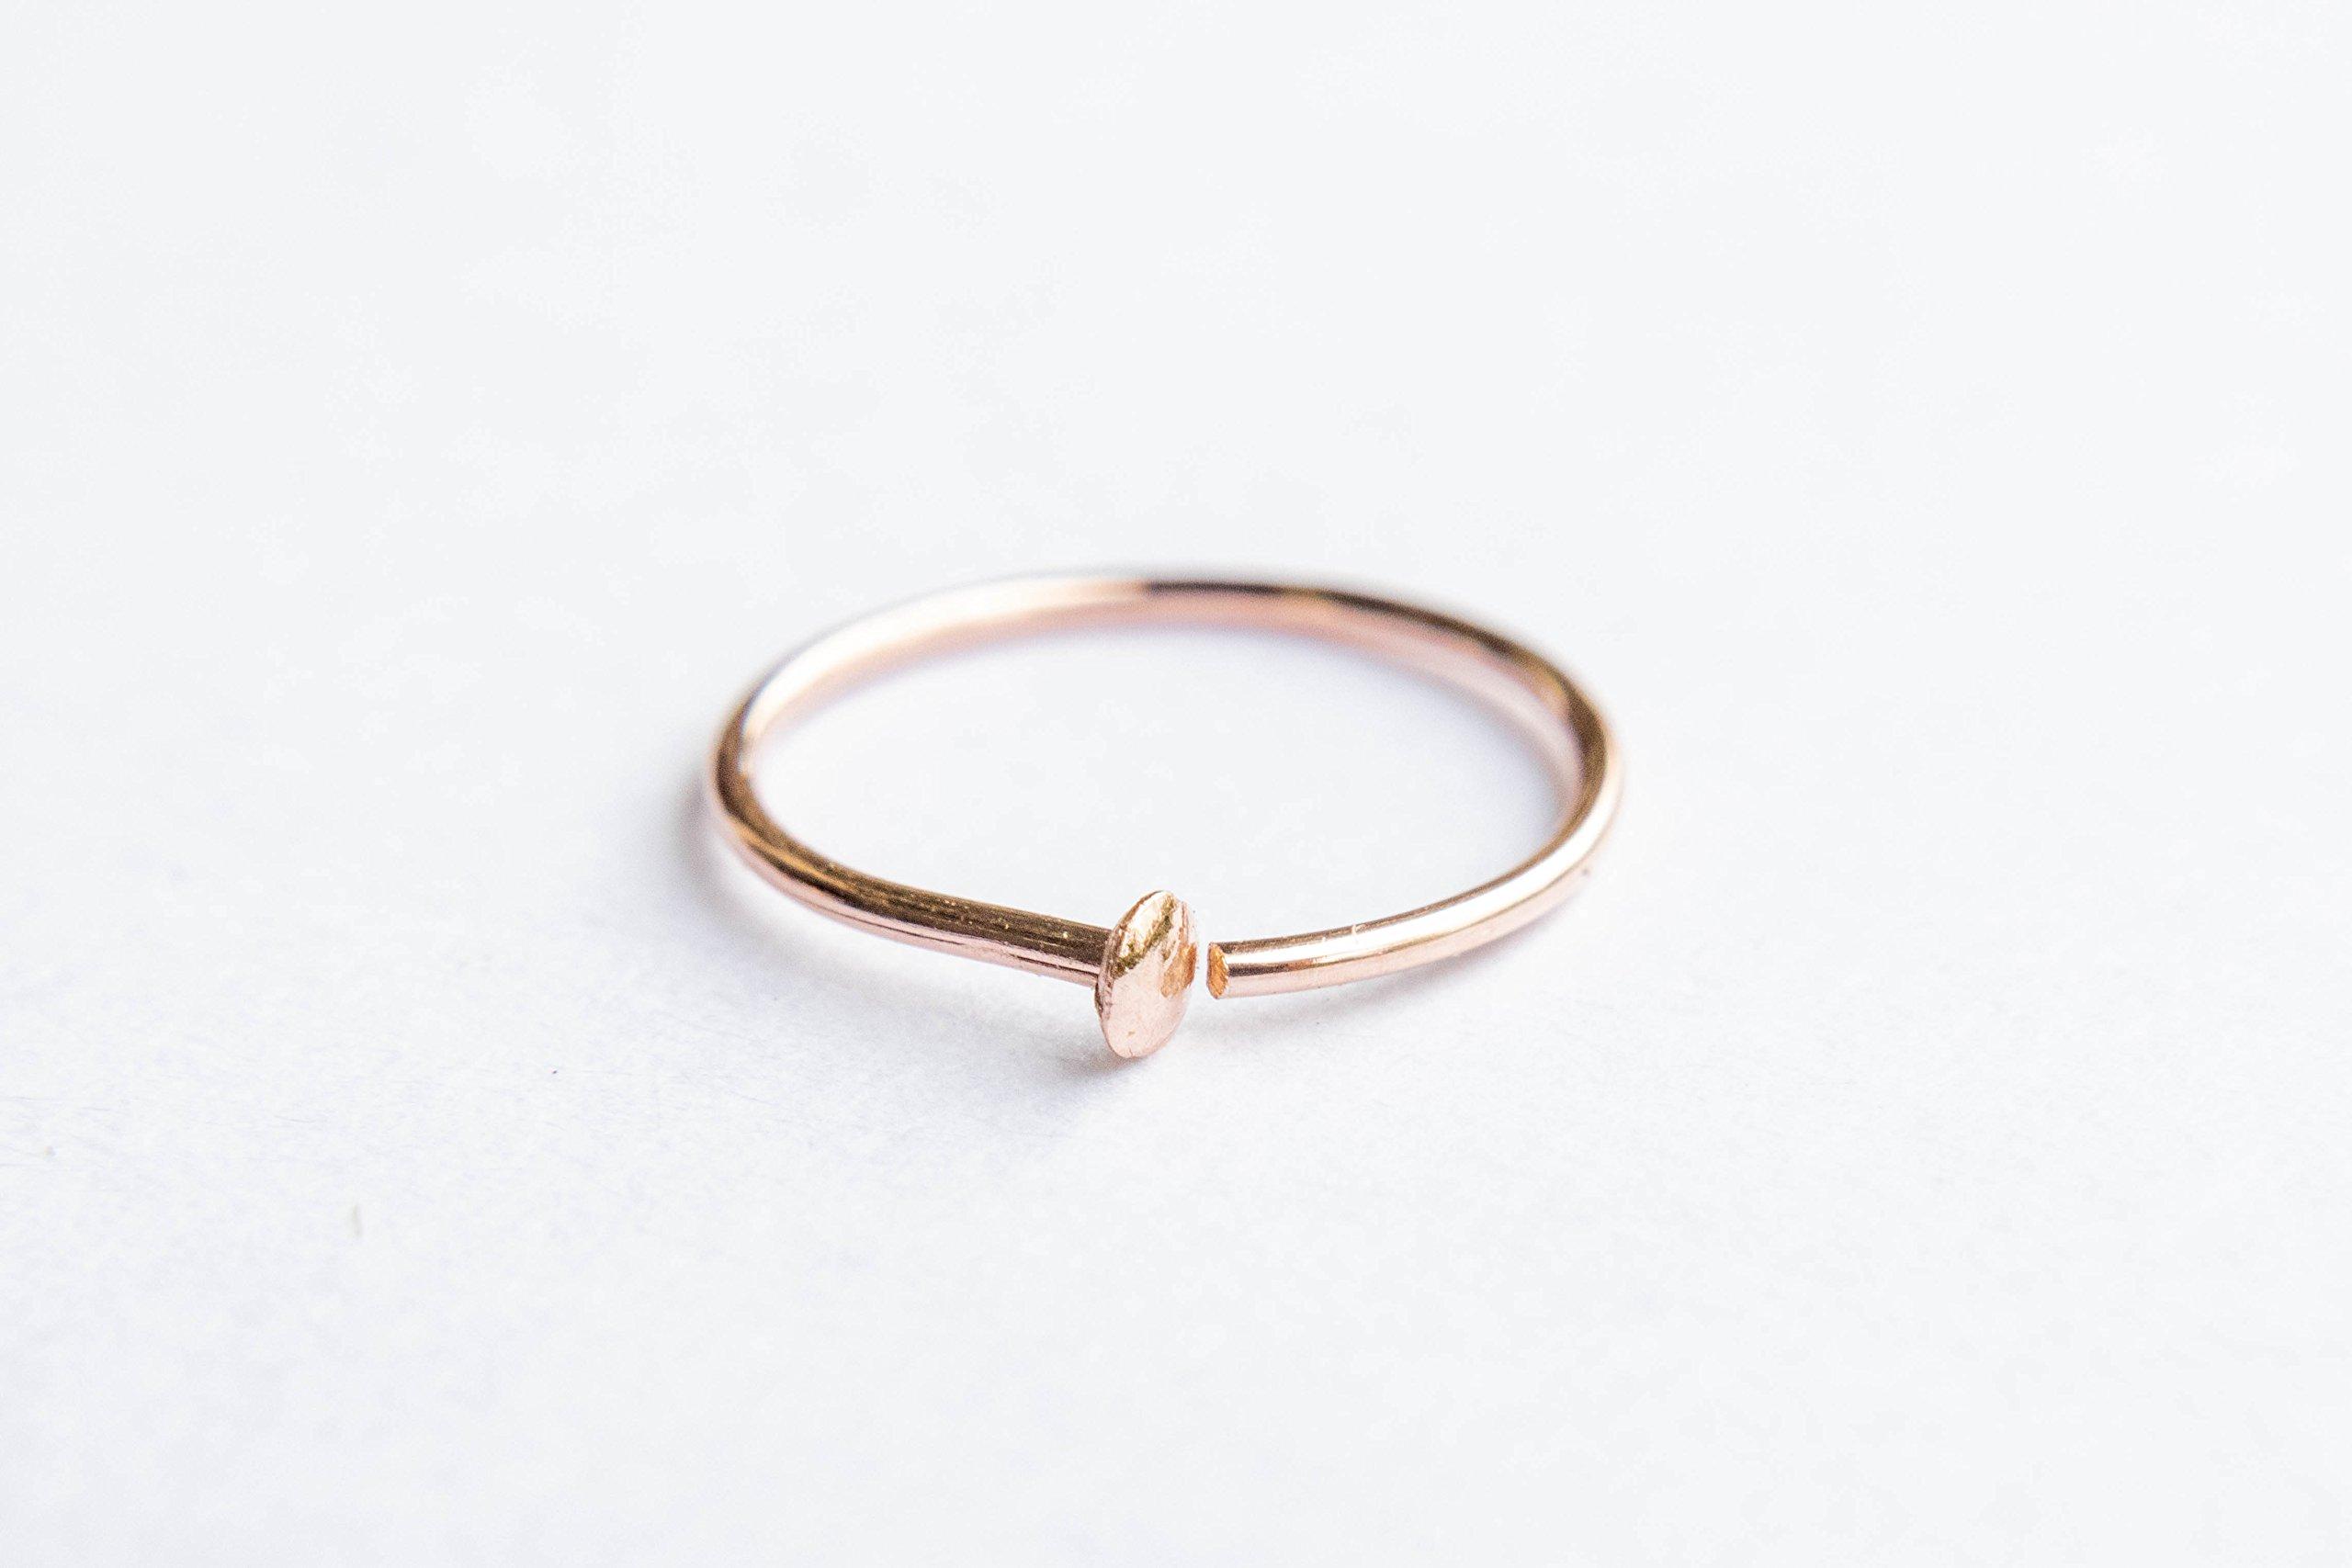 14k Rose Gold Filled Adjustable Metal Hoop Nose Ring - 24 Gauge 5-6mm